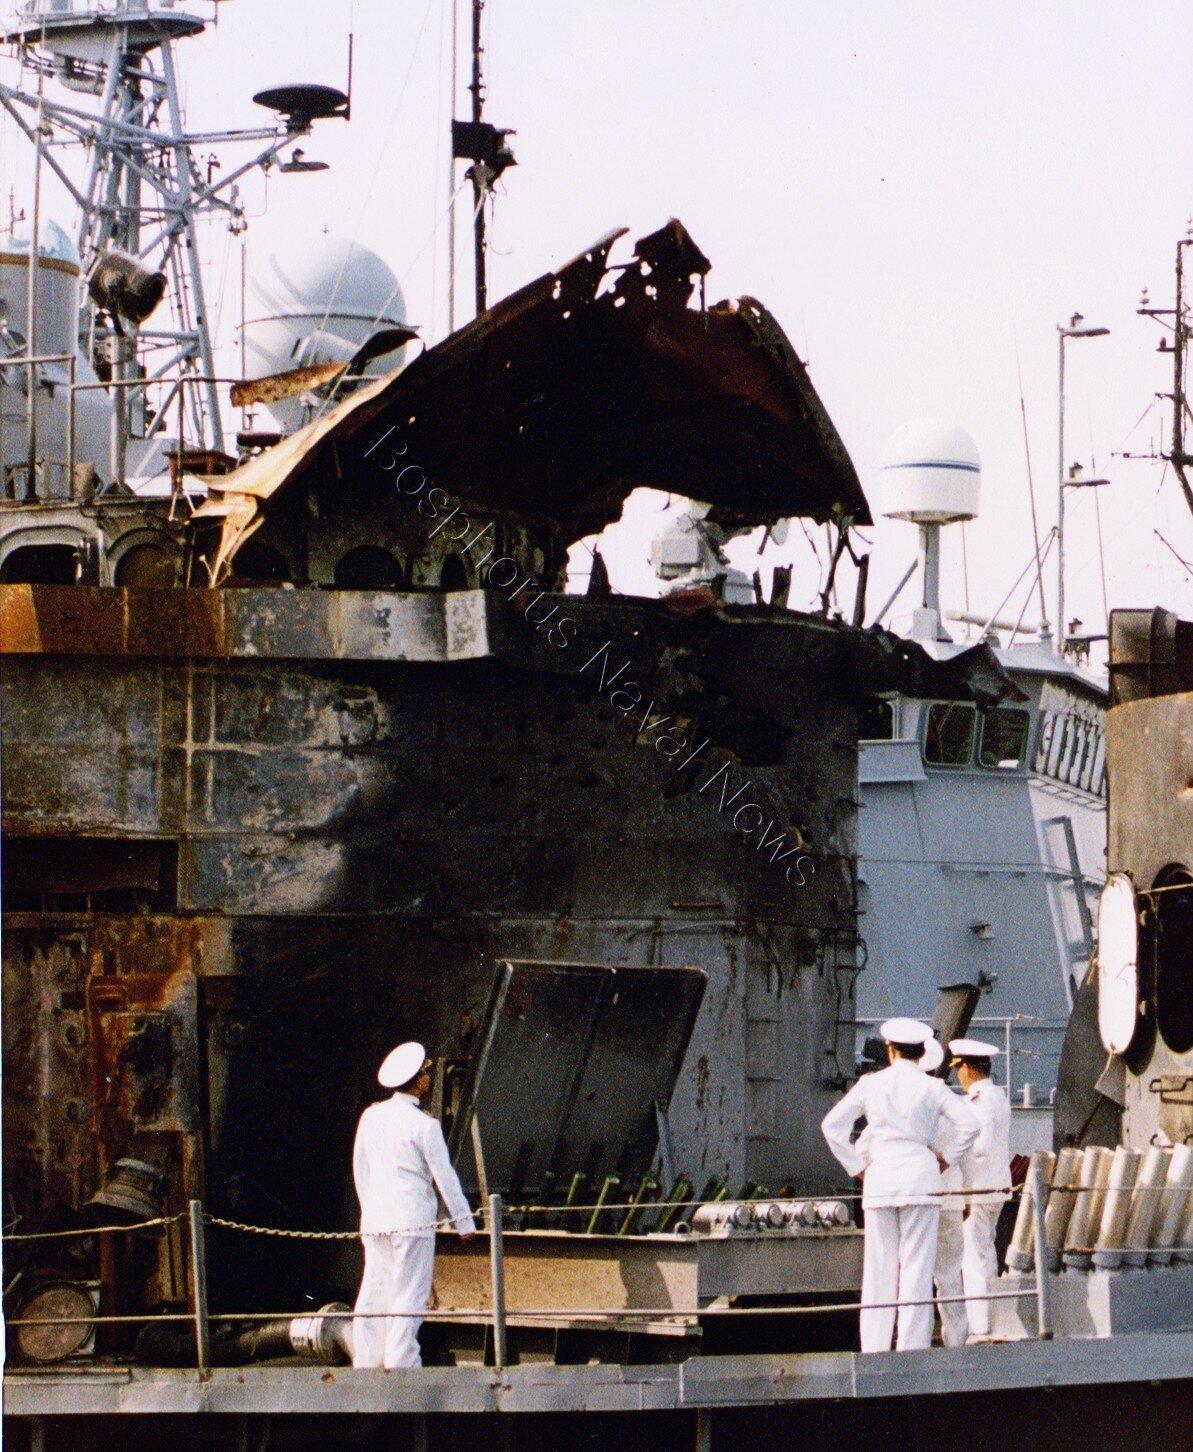 deniz-kultur - TCG Muavenet Gölcükte - Muavenet - Amerikanın Vurduğu Gemimiz